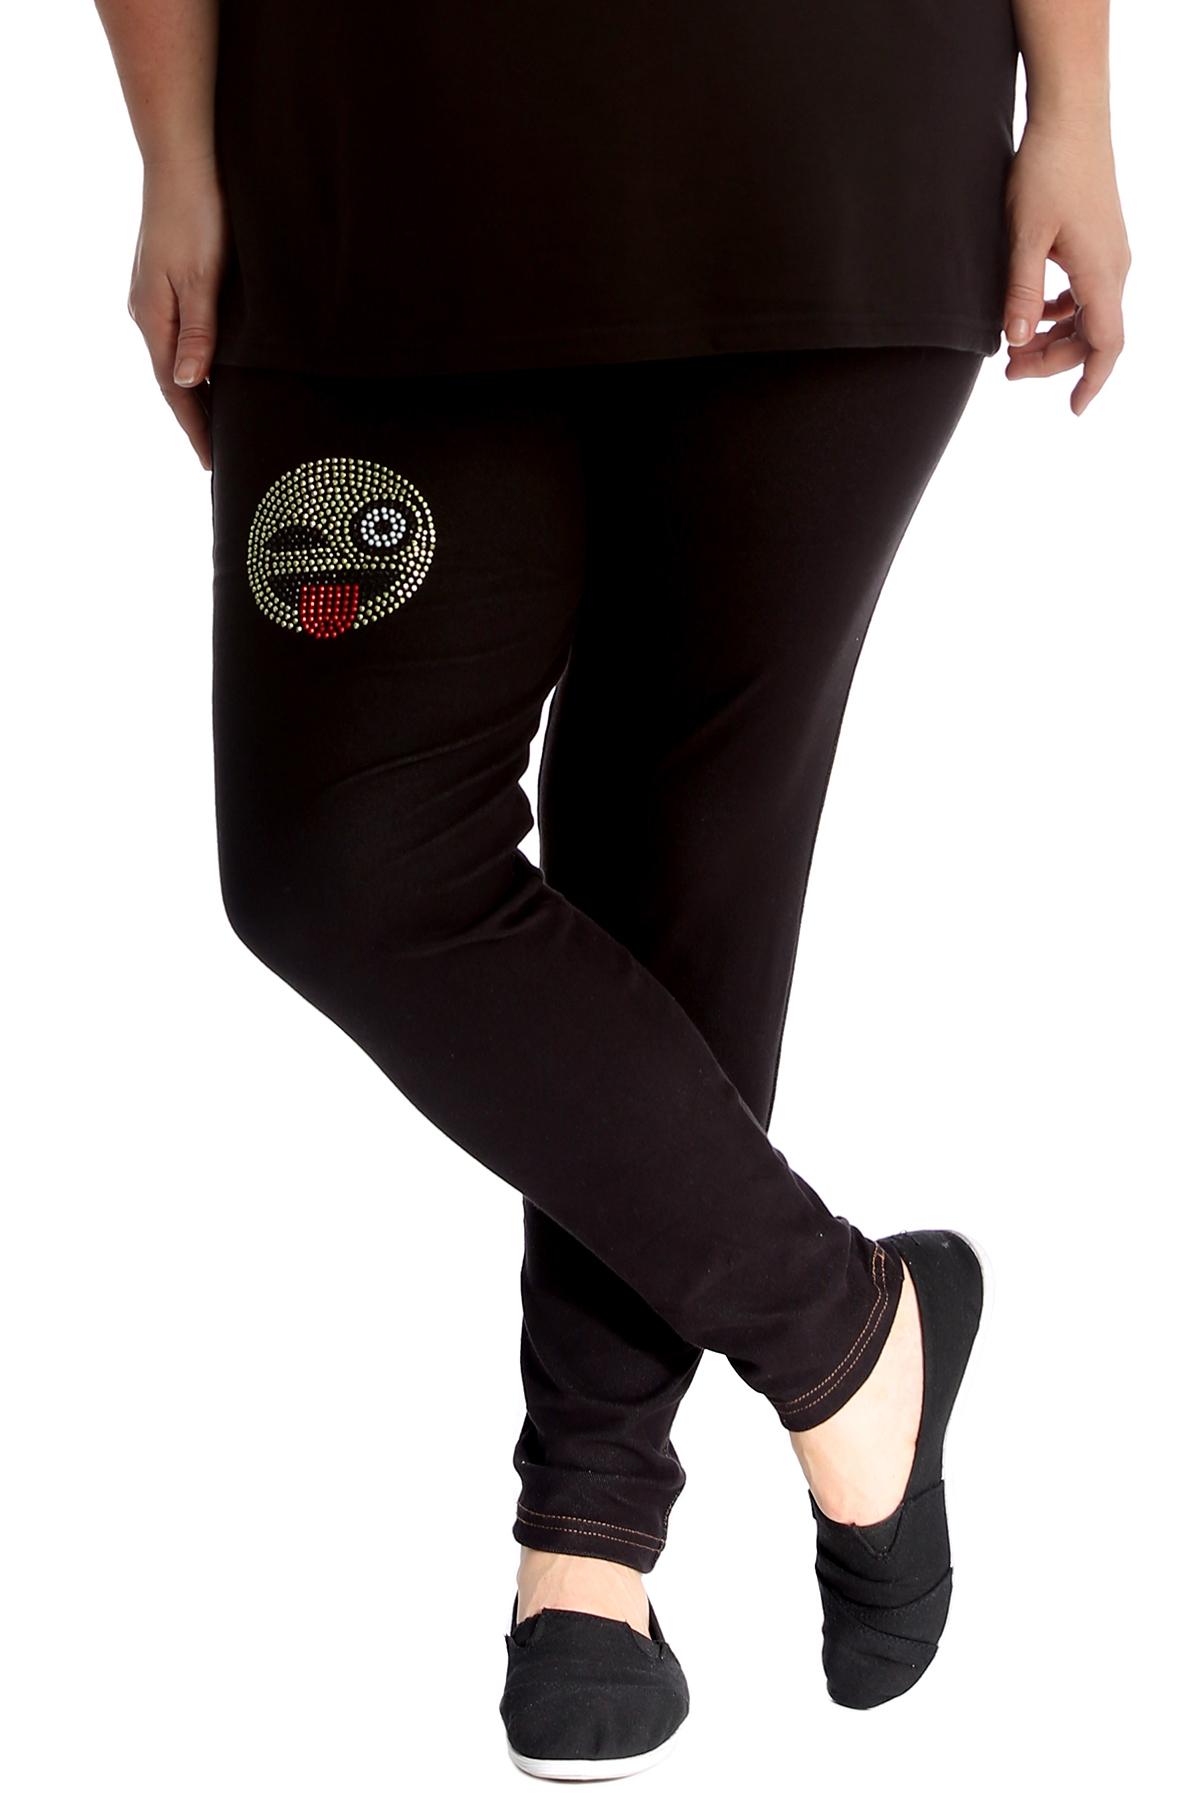 bb3b93c0966d01 Details about New Womens Plus Size Leggings Ladies Emoji Tongue Stud  Jeggings Bottoms Pants